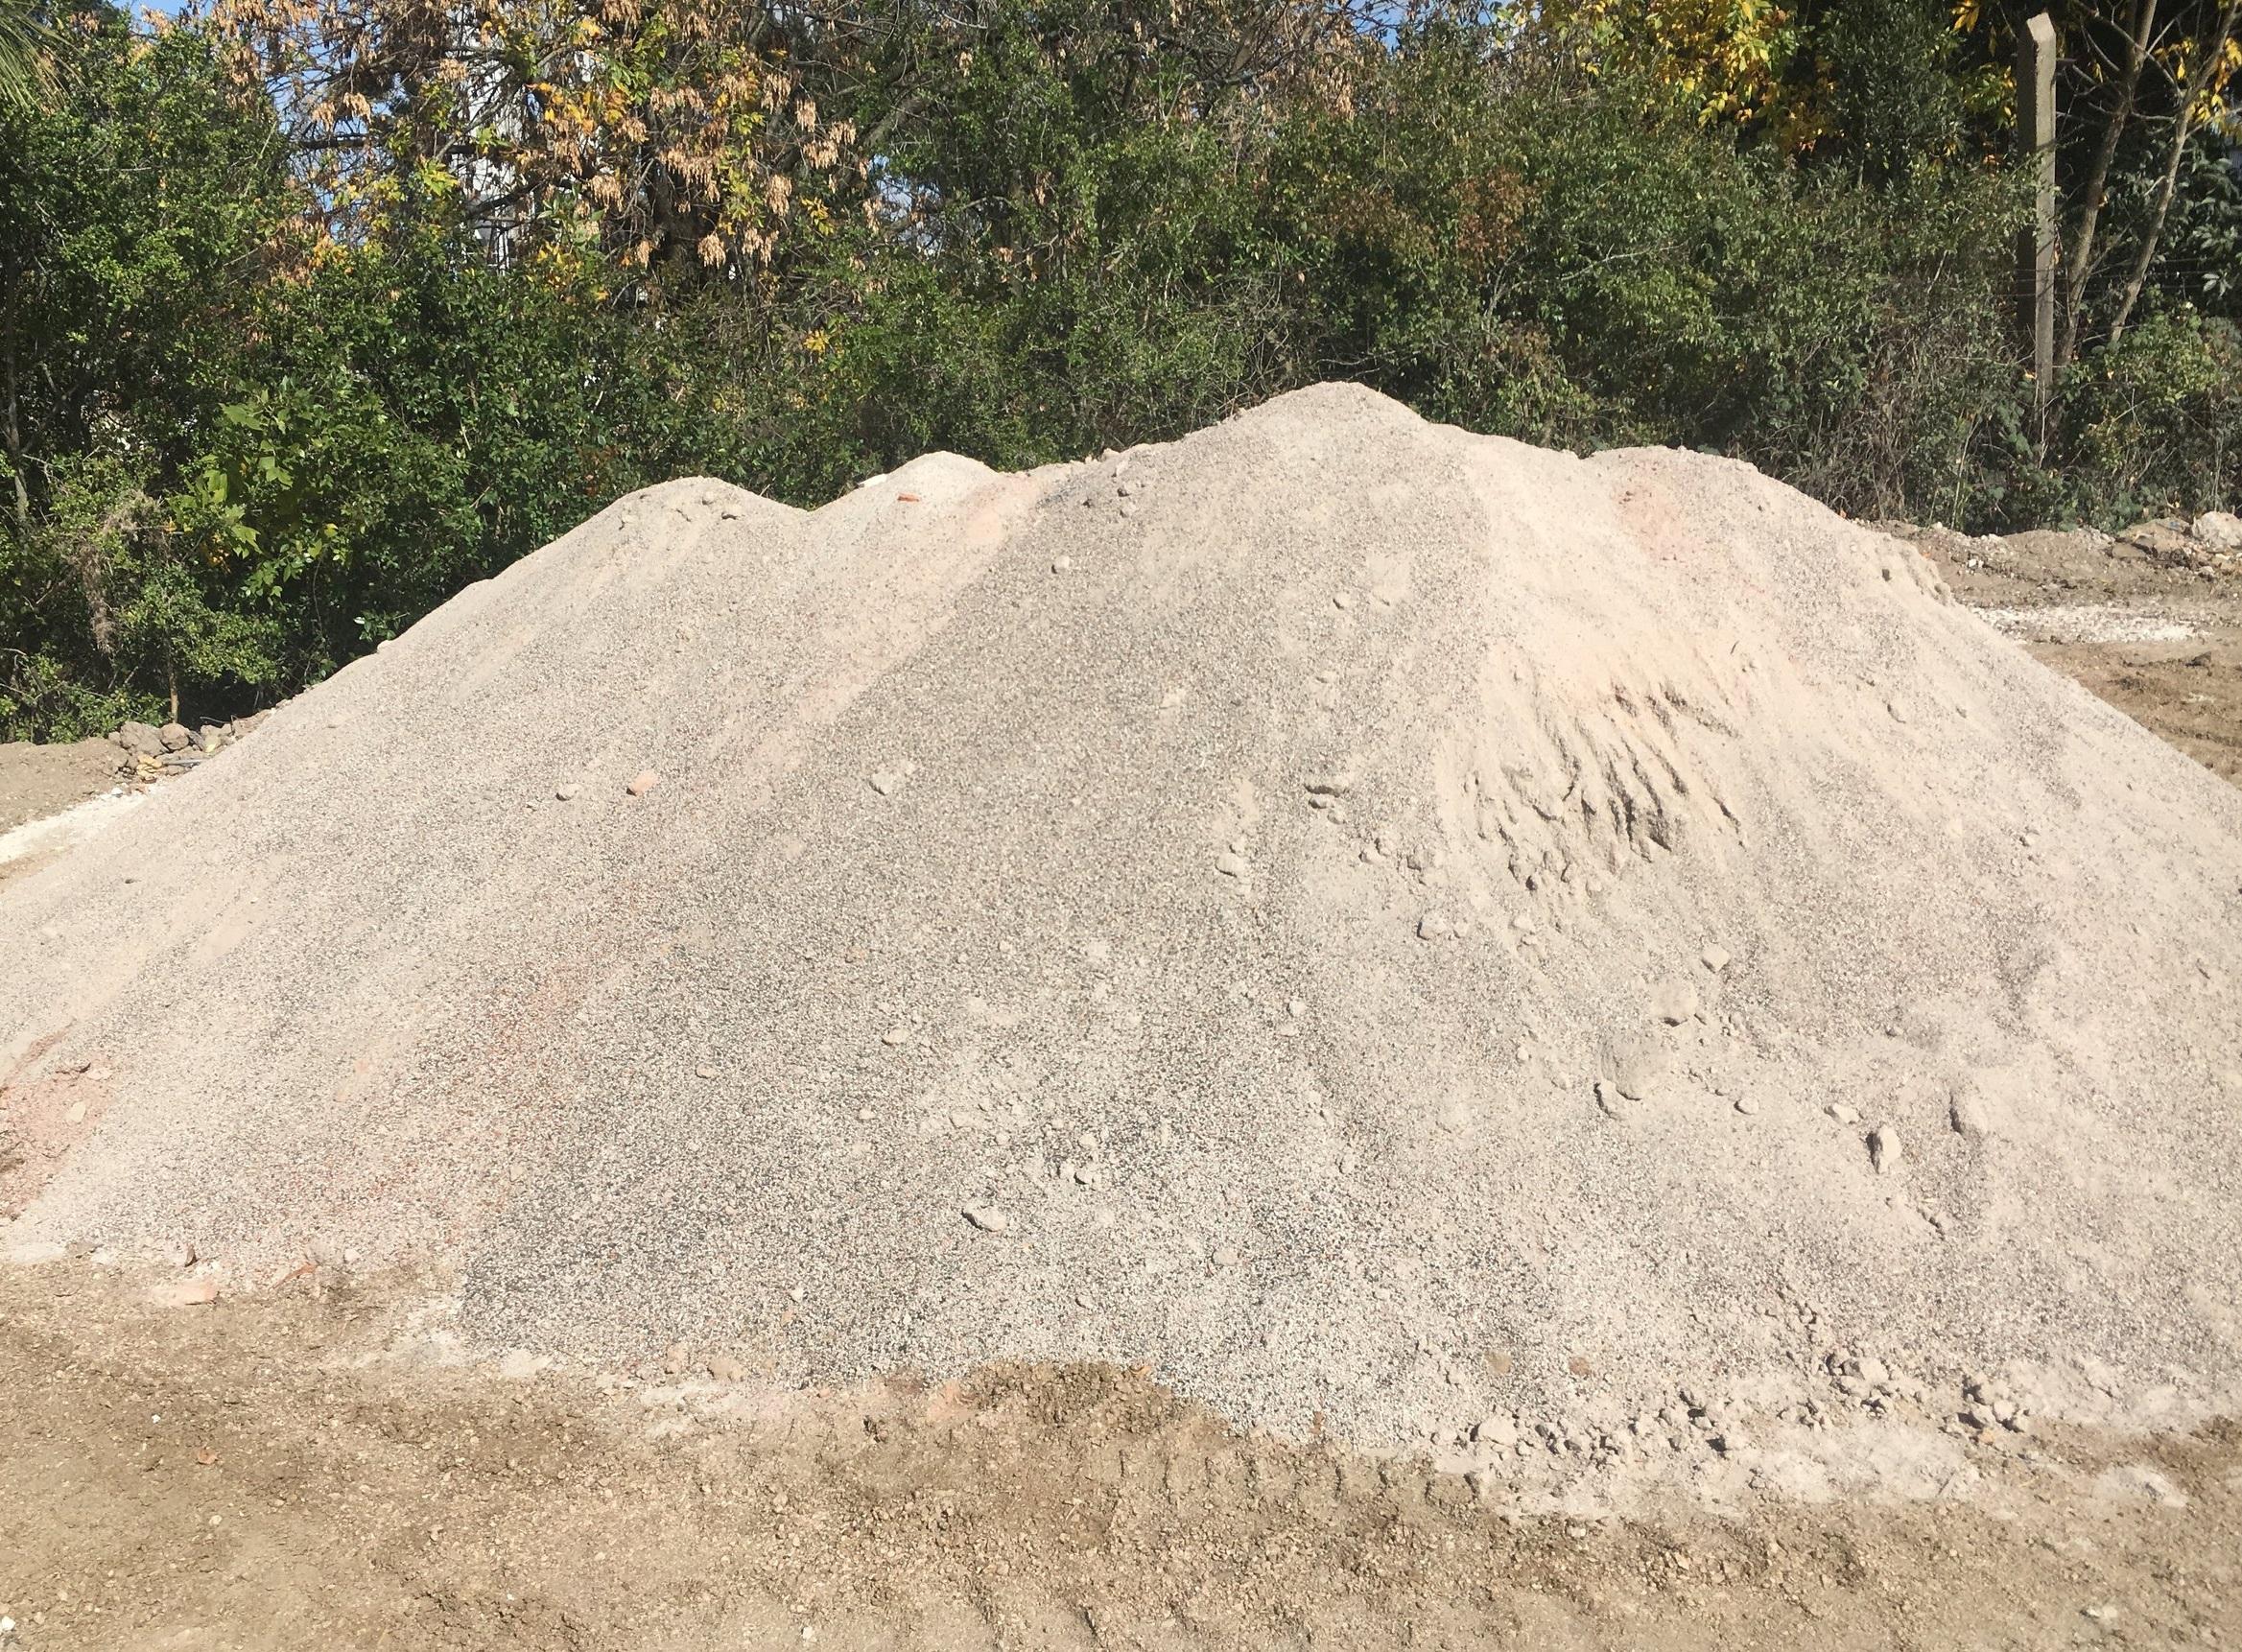 ÁRIDO FINO - Similar a la arena gruesa, utilizado para la materia prima de los mampuestos, para hormigones reciclados, para el sellado de pavimentos y como mortero para albañilería (muros, revestimientos)